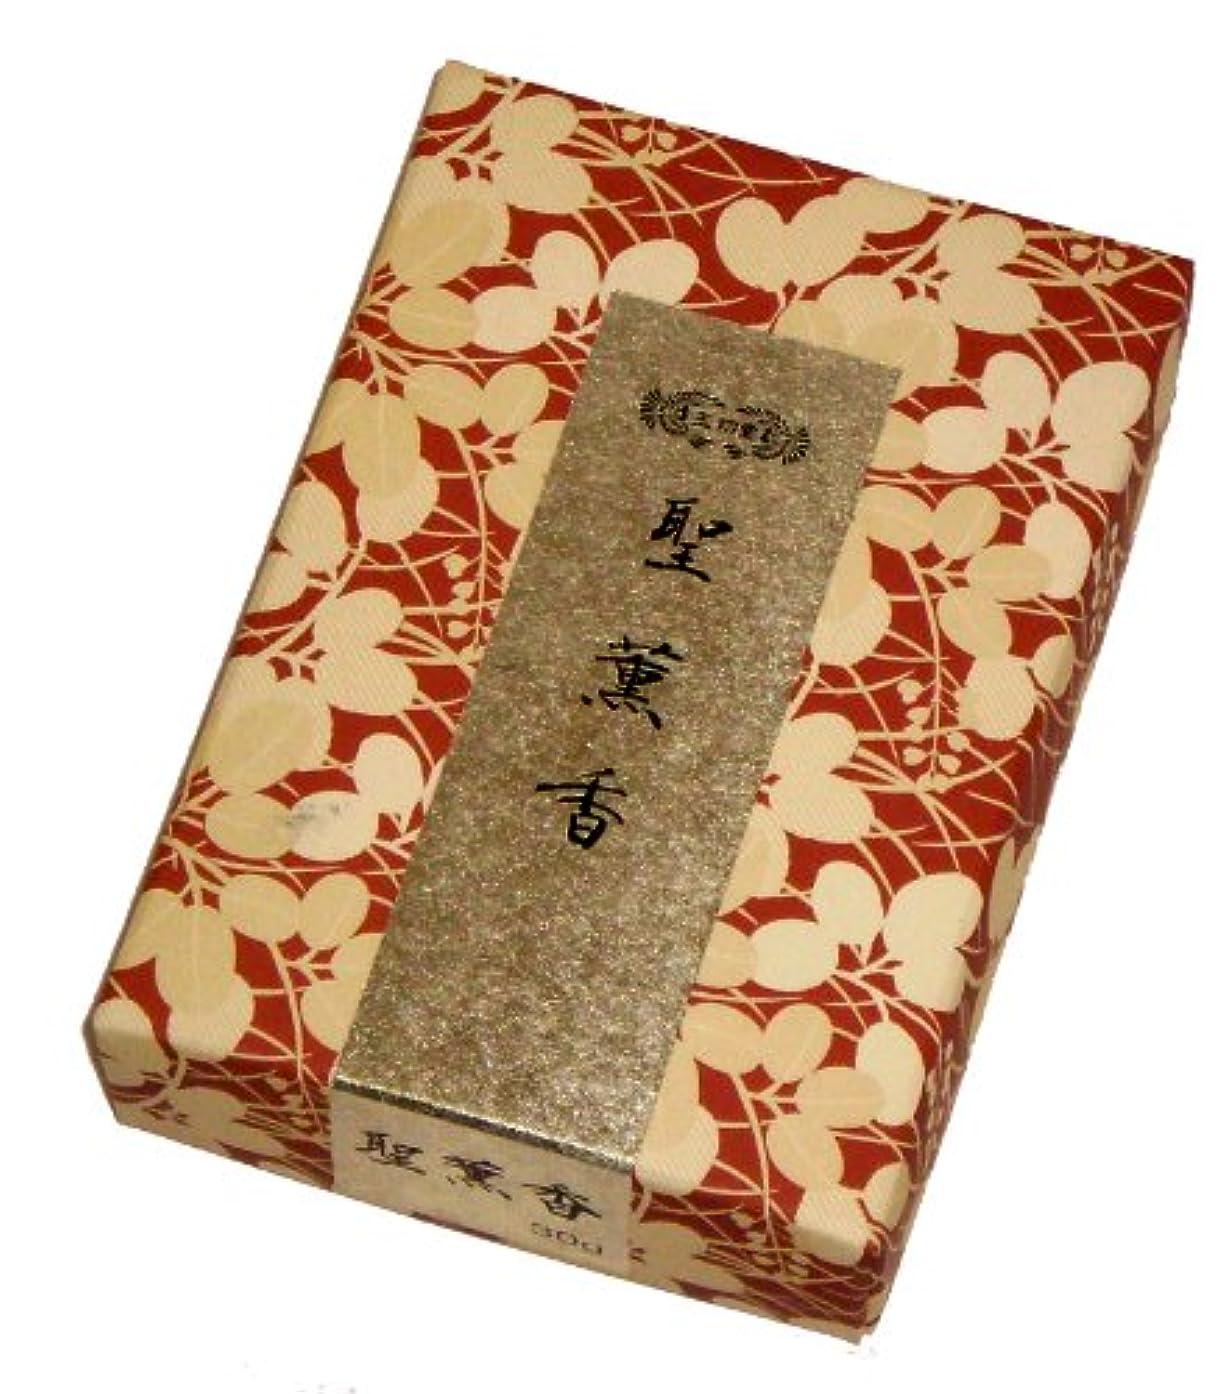 ライバル可塑性おなかがすいた玉初堂のお香 聖薫香 30g #635